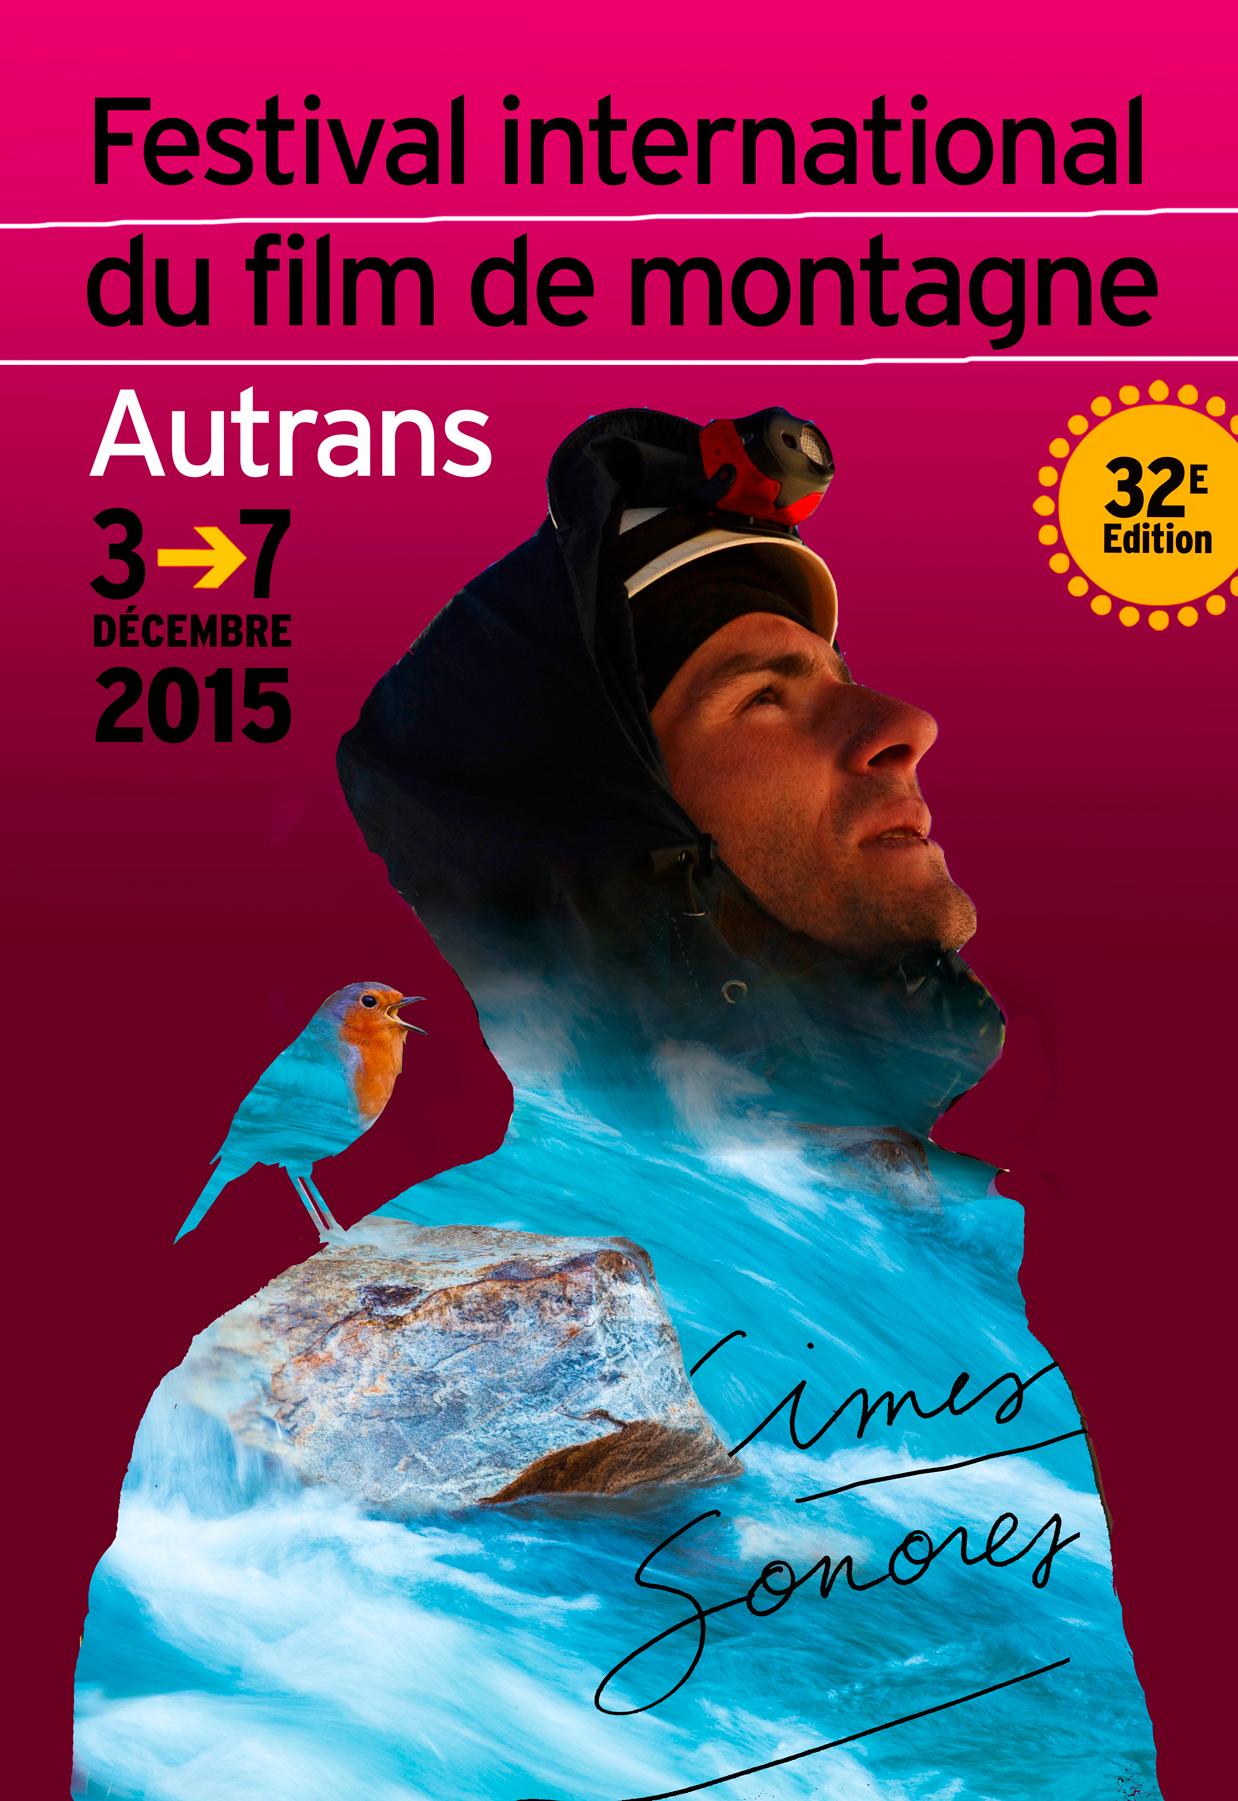 Autrans-2015-Skieur-proposition-3